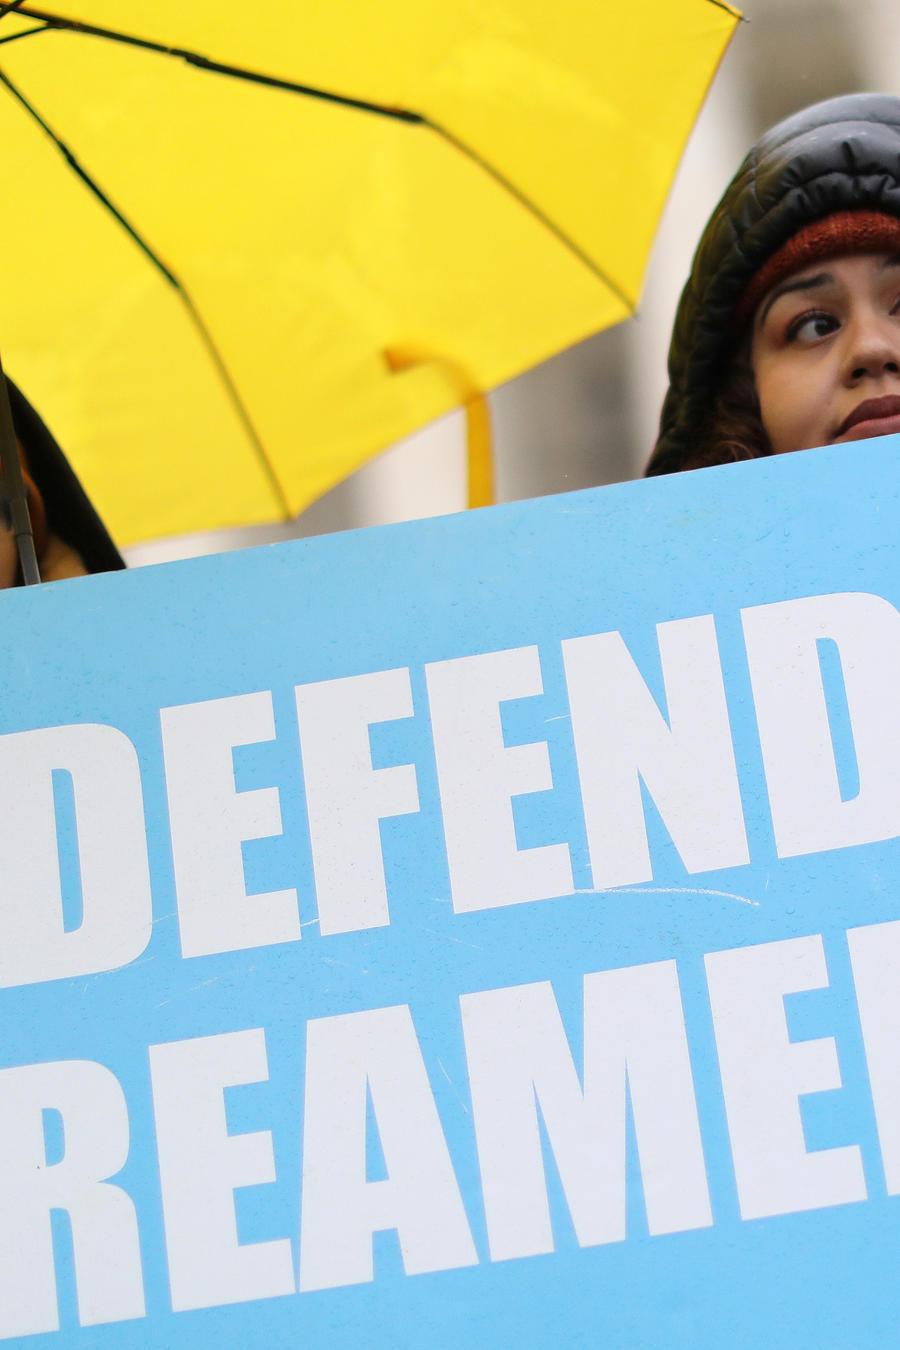 Dreamers piden que DACA siga existiendo frente a la Corte Suprema.